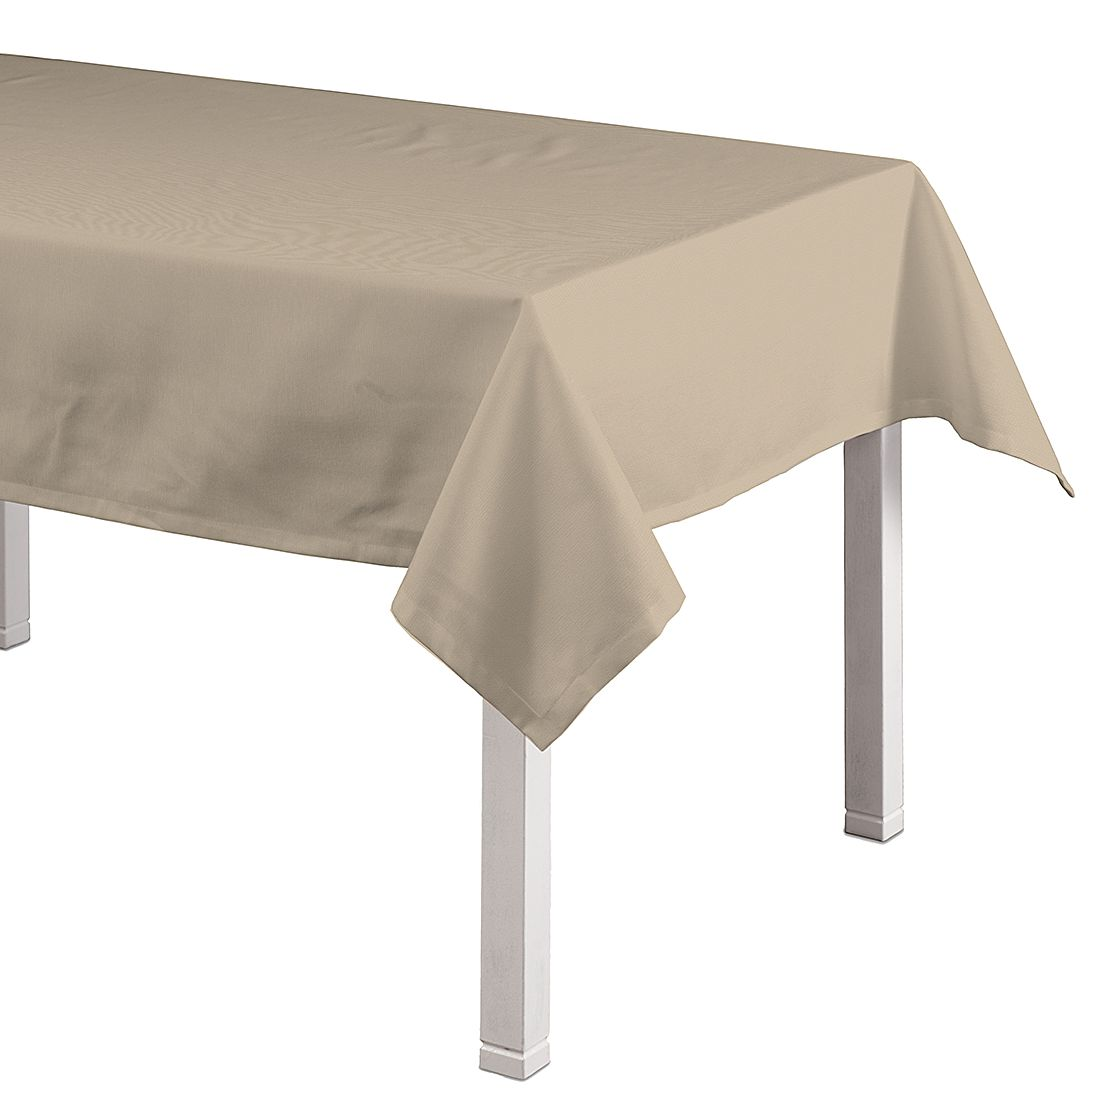 Tischdecke Cotton Panama – Braun – 130 x 210 cm, Dekoria günstig kaufen